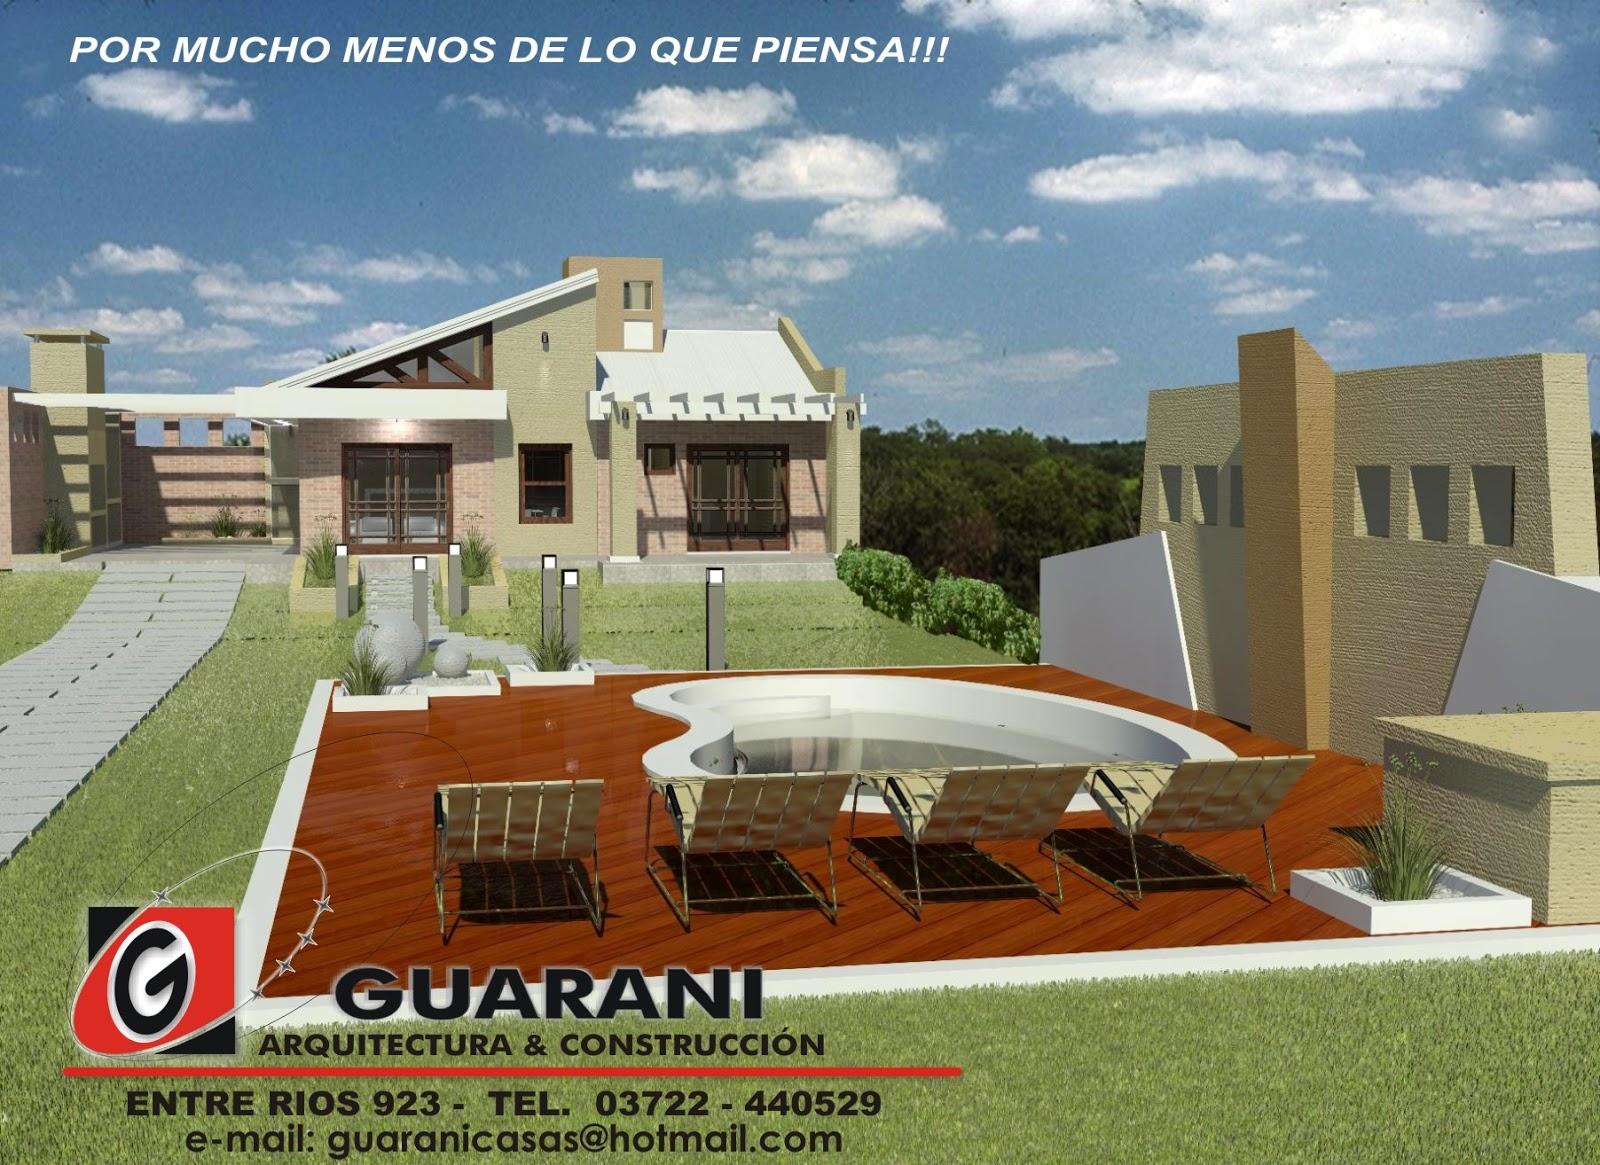 Arquitectura y construccion casa de fin de semana en paso - Casas para fines de semana ...